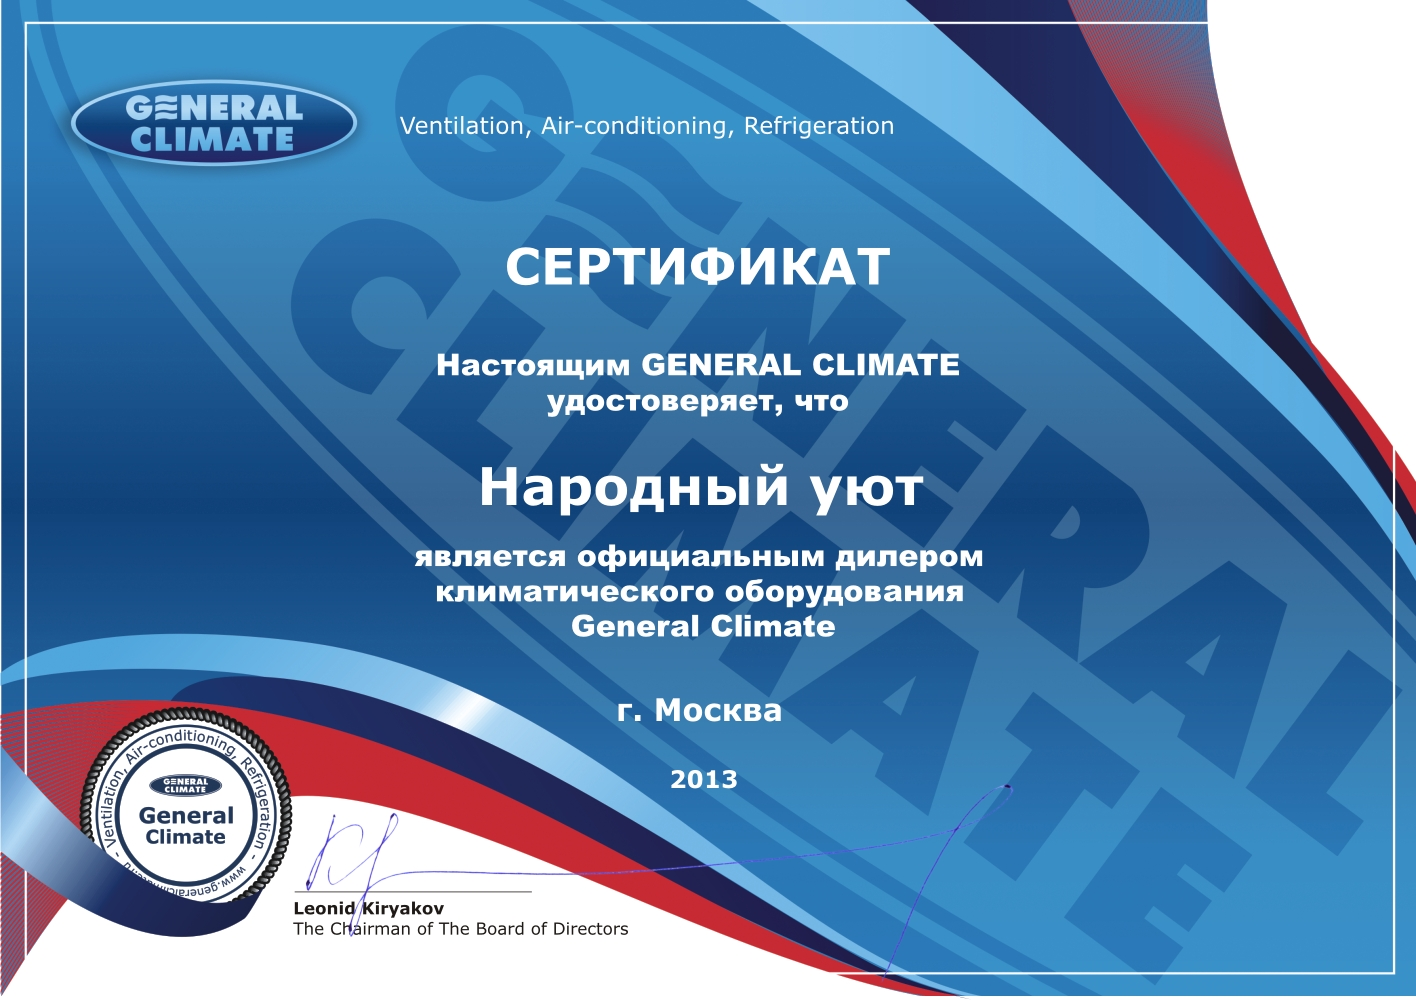 Народный уют является официальным дилером продукции General Climate в Москве.